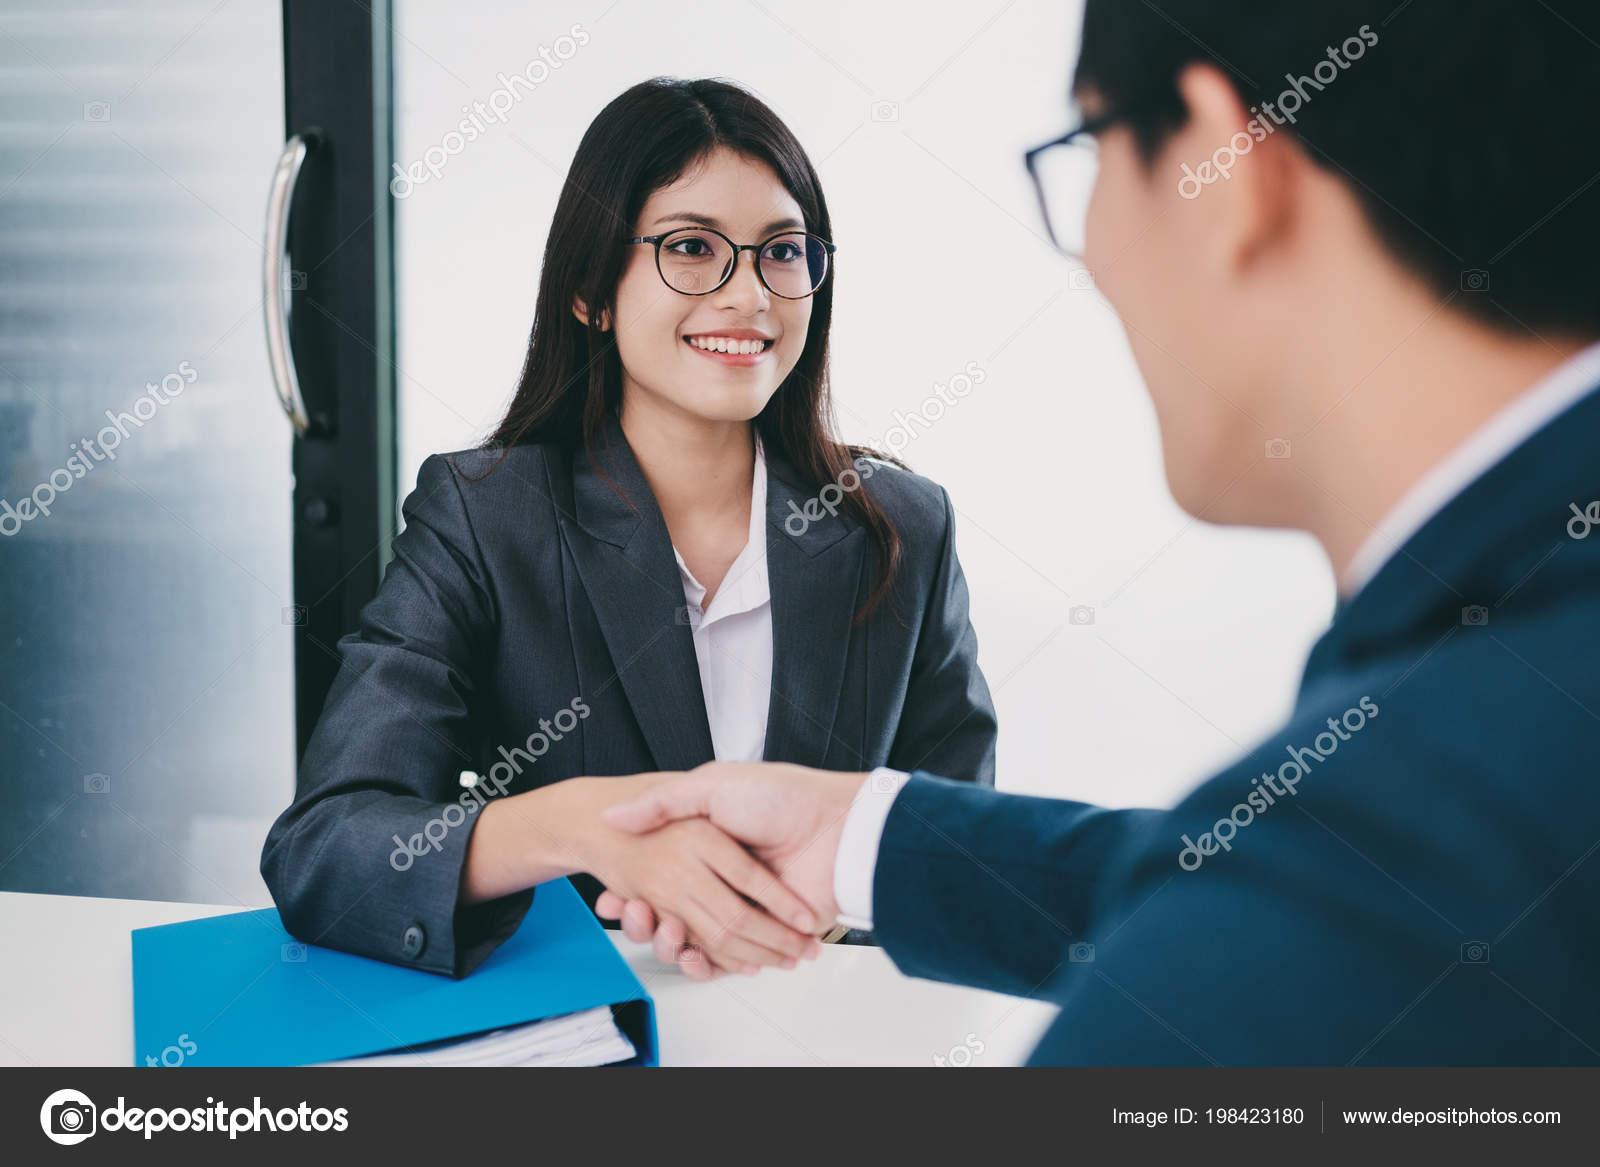 sollicitatiebrief examinator Slimme Vrouw Met Een Succesvol Sollicitatiegesprek Examinator  sollicitatiebrief examinator